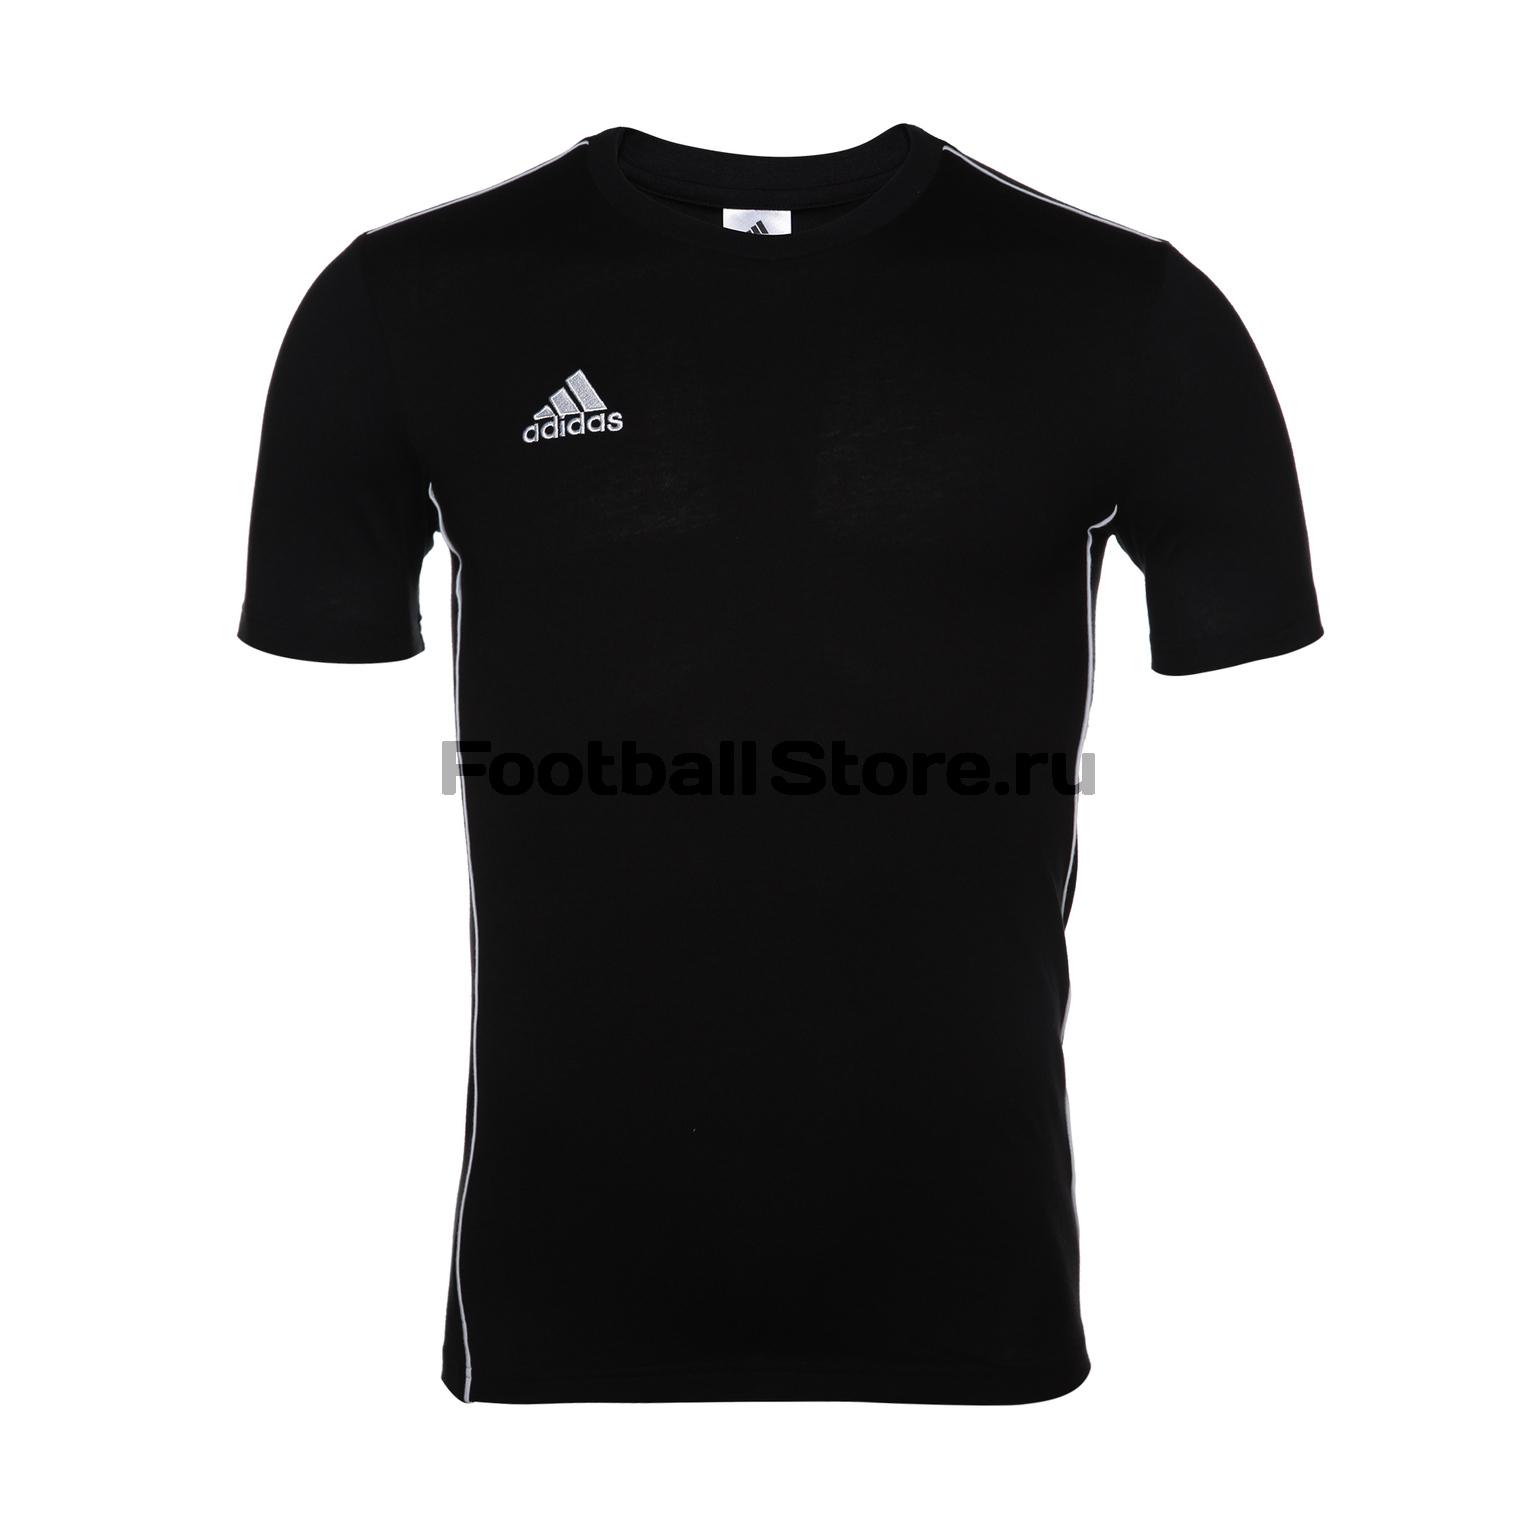 Футболка тренировочная Adidas Core18 Tee CE9063 футболка тренировочная adidas tiro17 tee ay2964